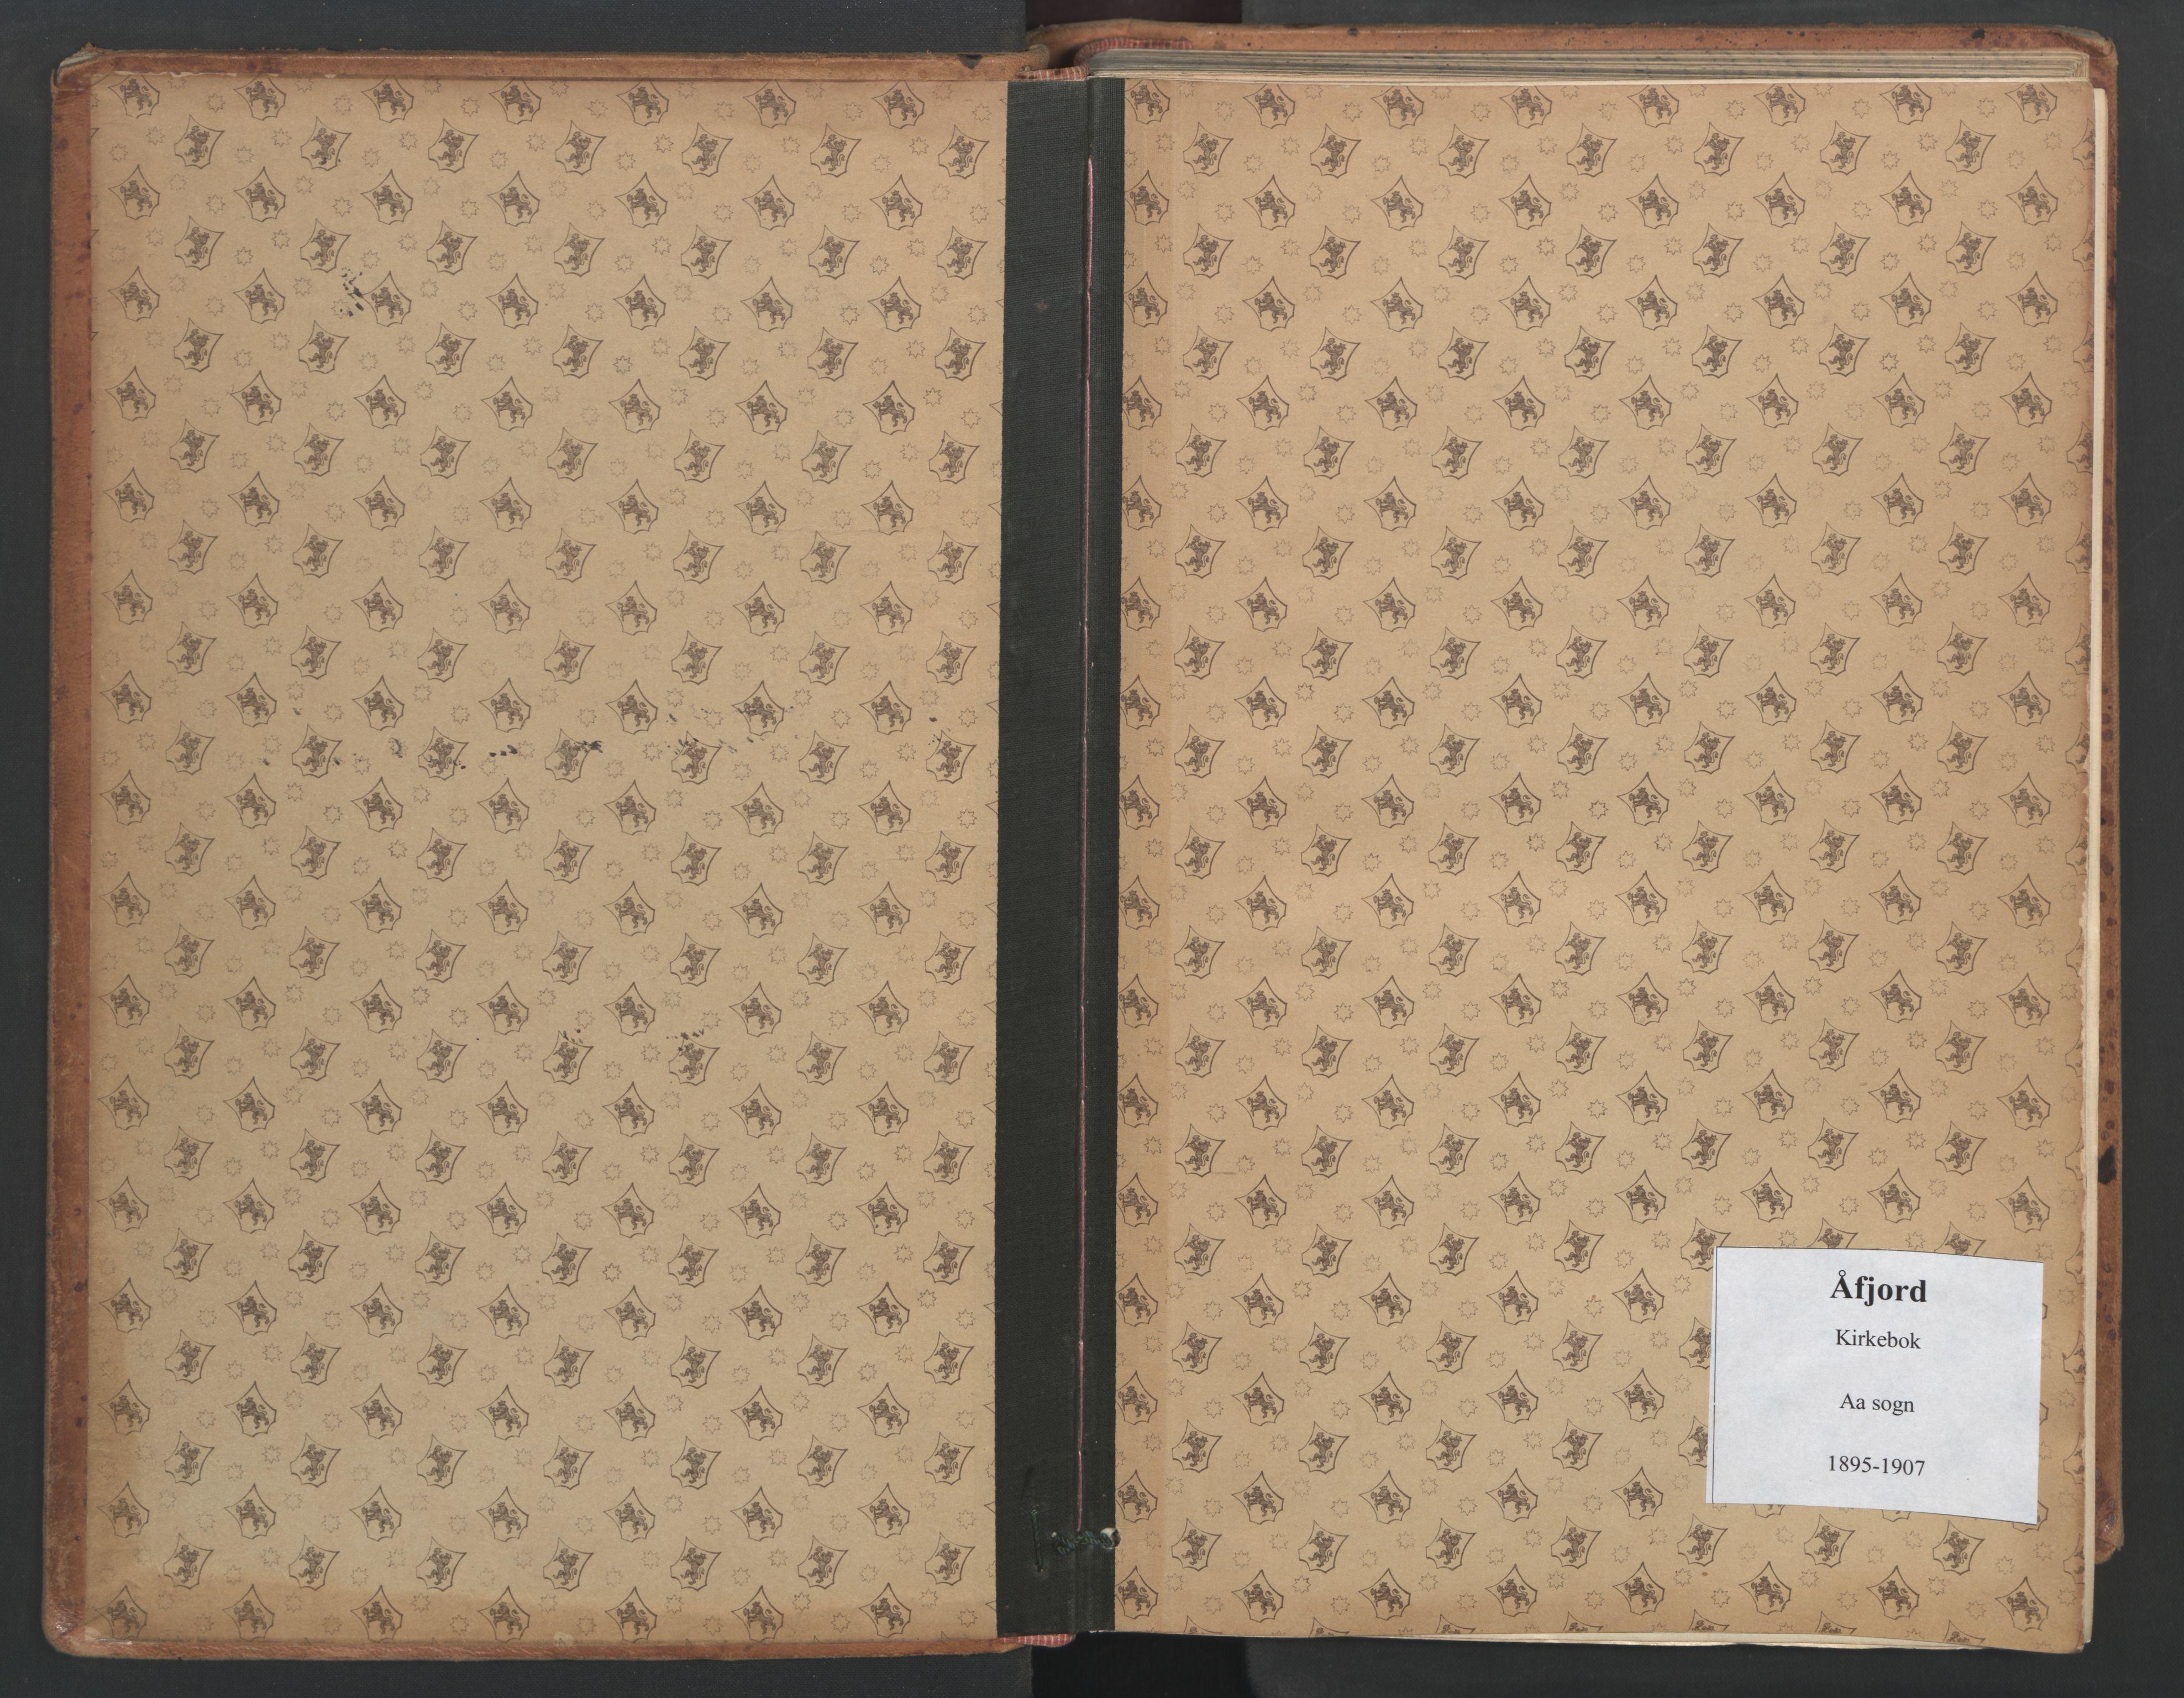 SAT, Ministerialprotokoller, klokkerbøker og fødselsregistre - Sør-Trøndelag, 655/L0681: Ministerialbok nr. 655A10, 1895-1907